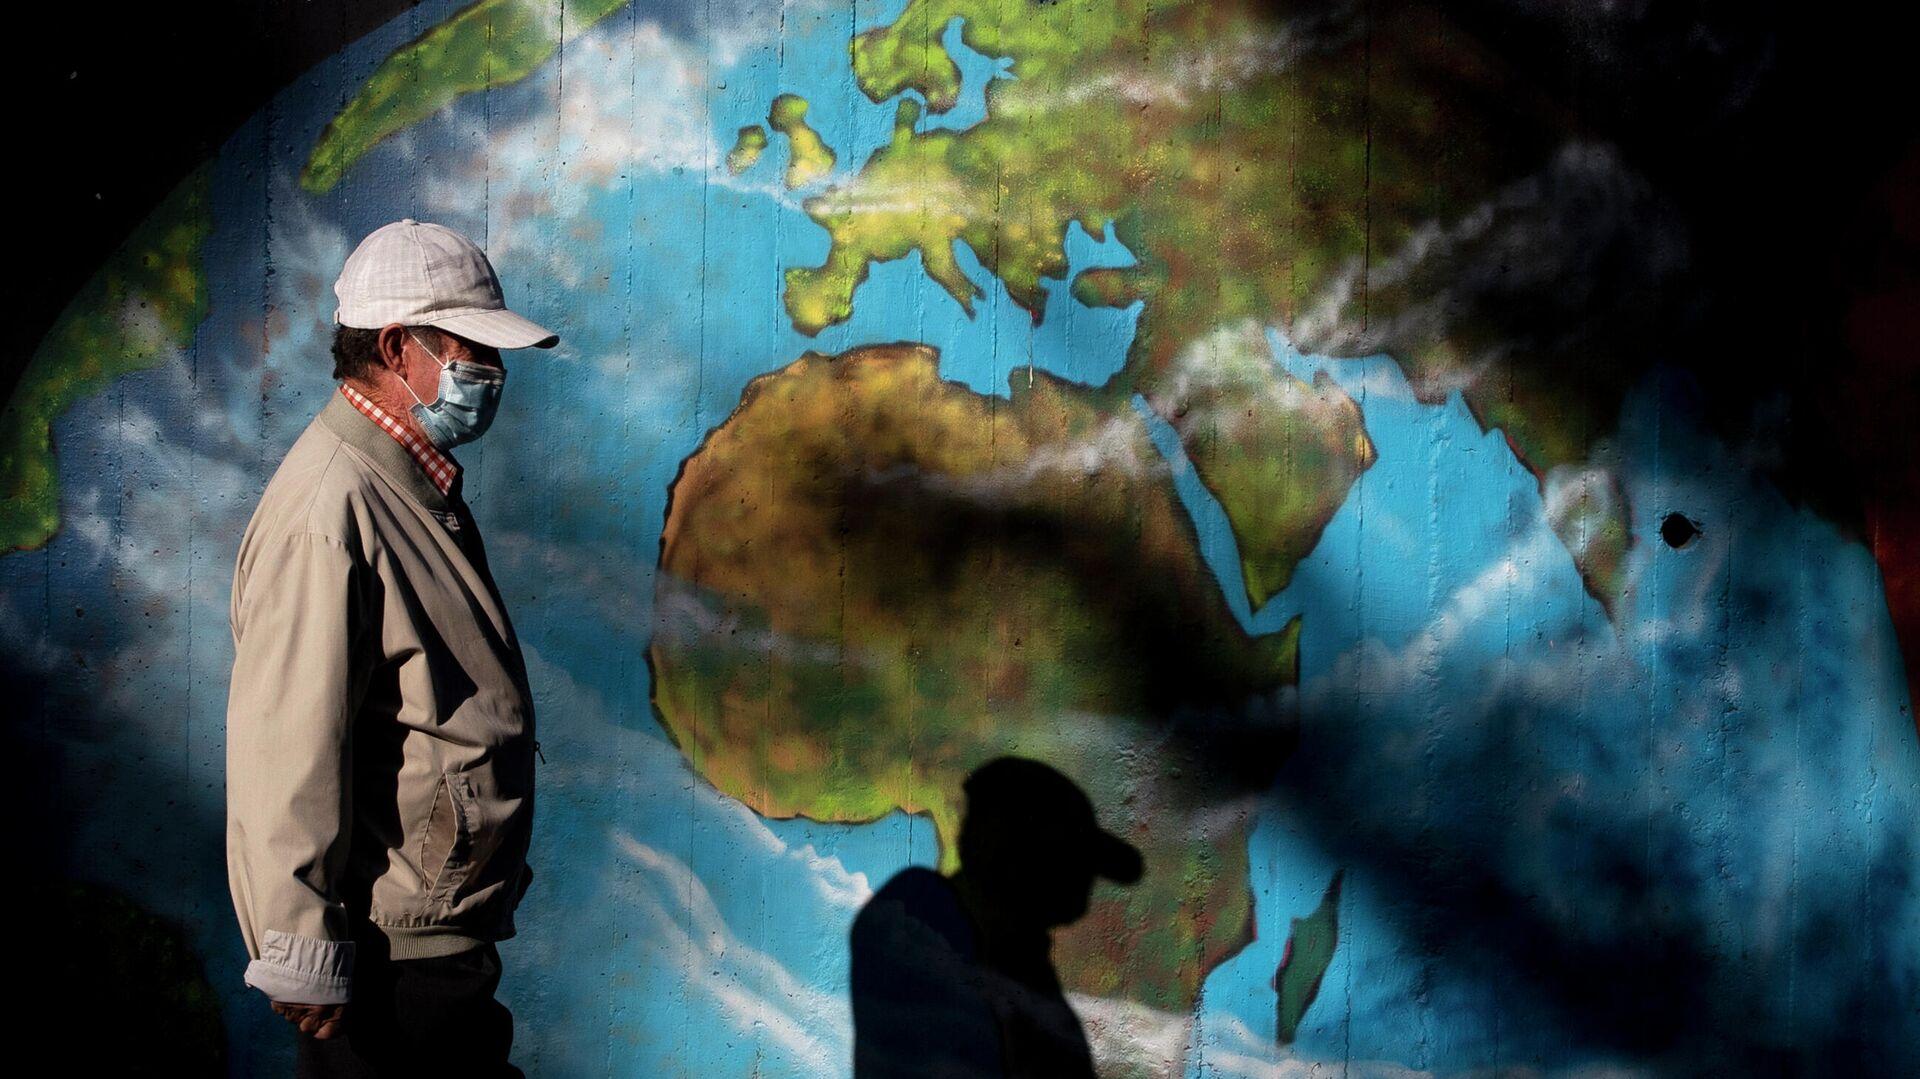 Мужчина в защитной маске проходит мимо граффити с изображением глобуса во время пандемии коронавируса в мире  - РИА Новости, 1920, 07.04.2021